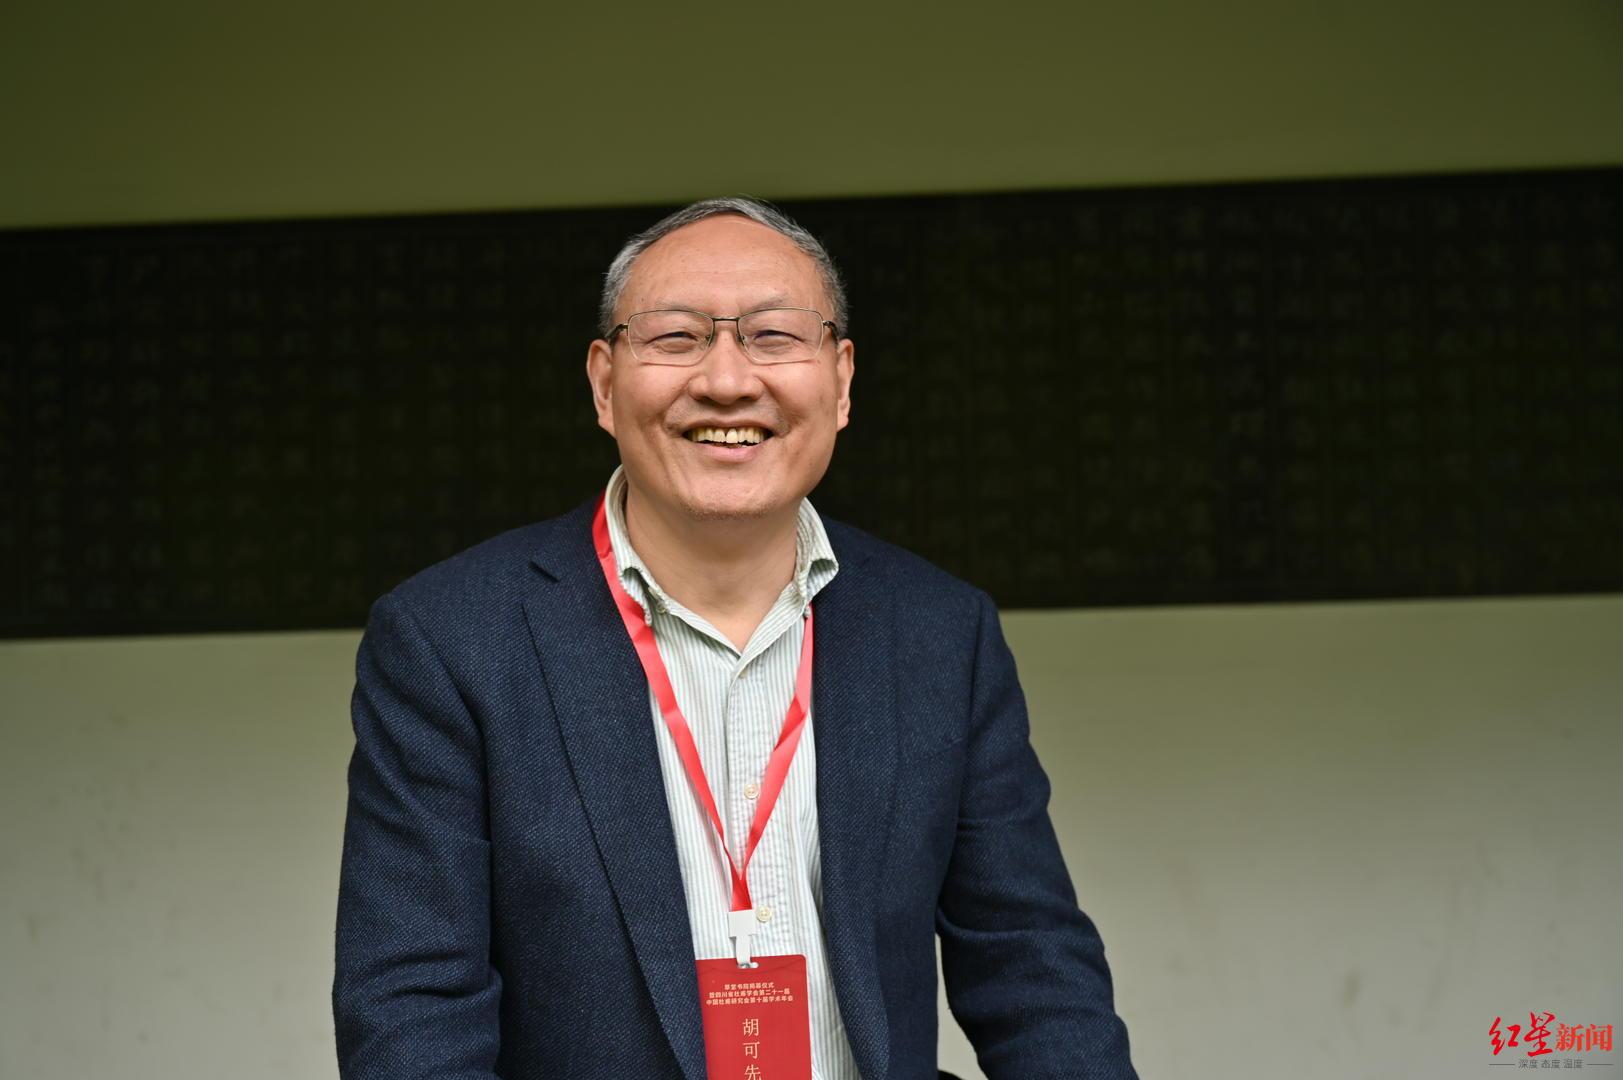 中国杜甫研究会副会长胡可先:草堂书院高雅、古朴又有现代性,提升城市品位